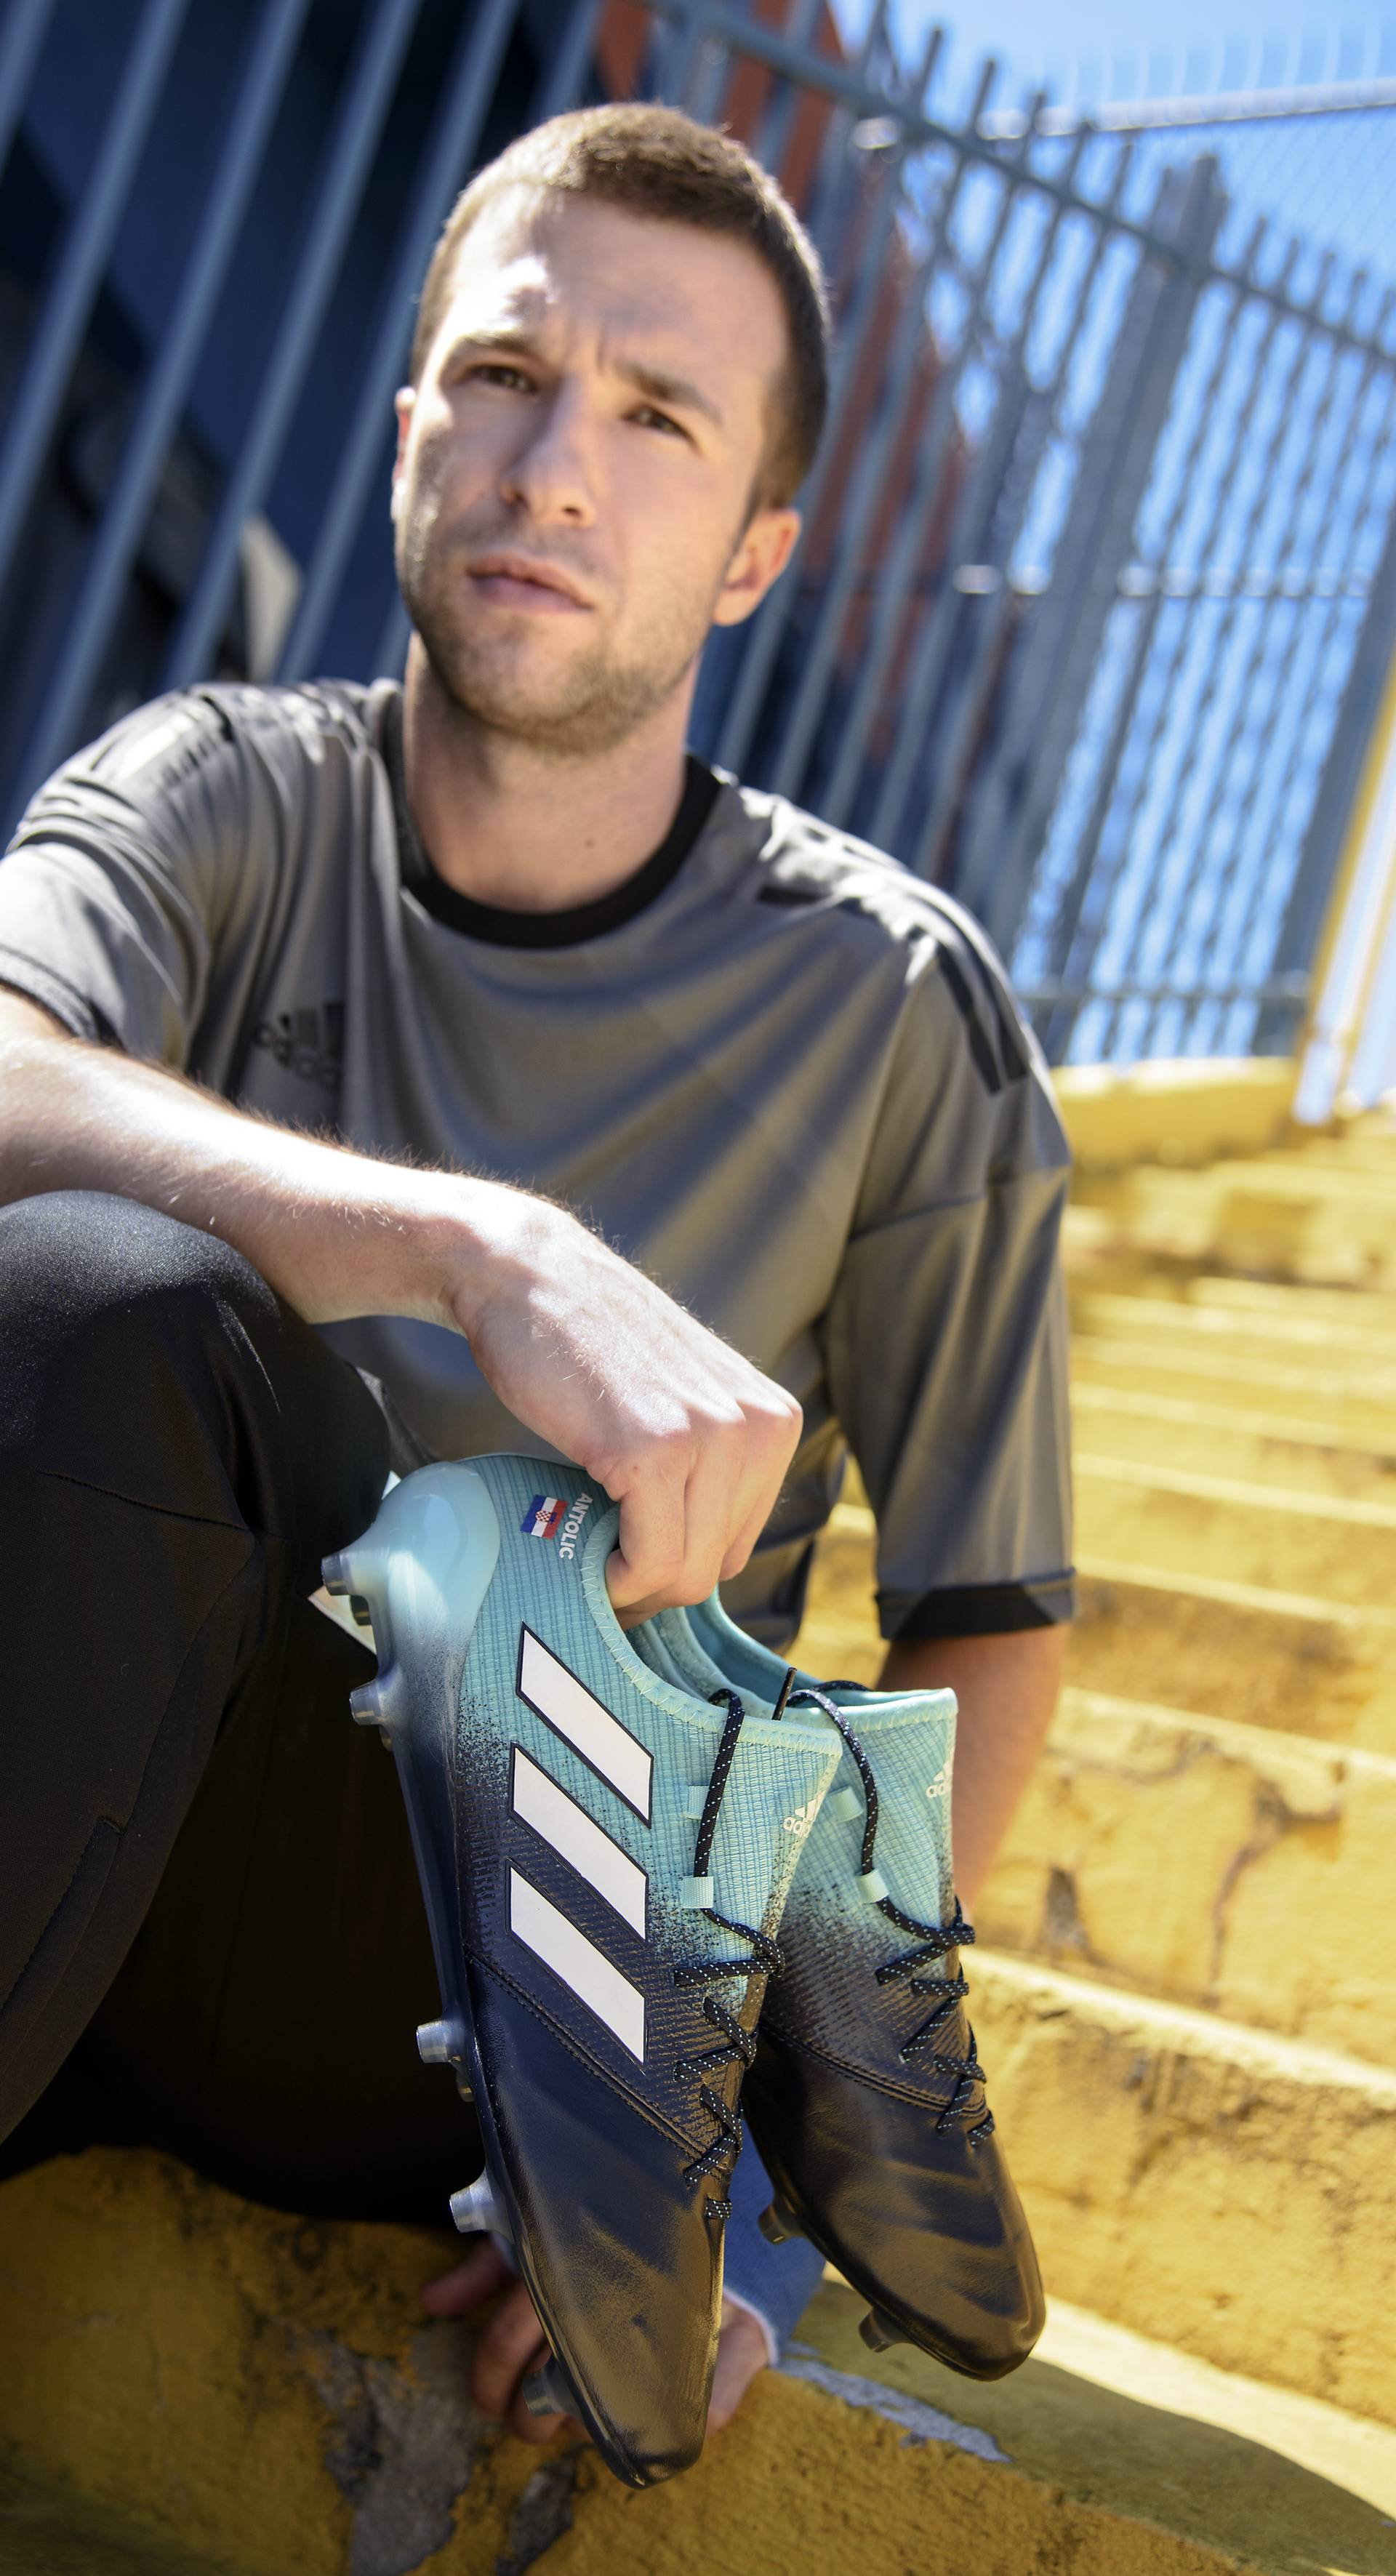 Igrači Dinama predstavili adidas Ocean Storm kopačke